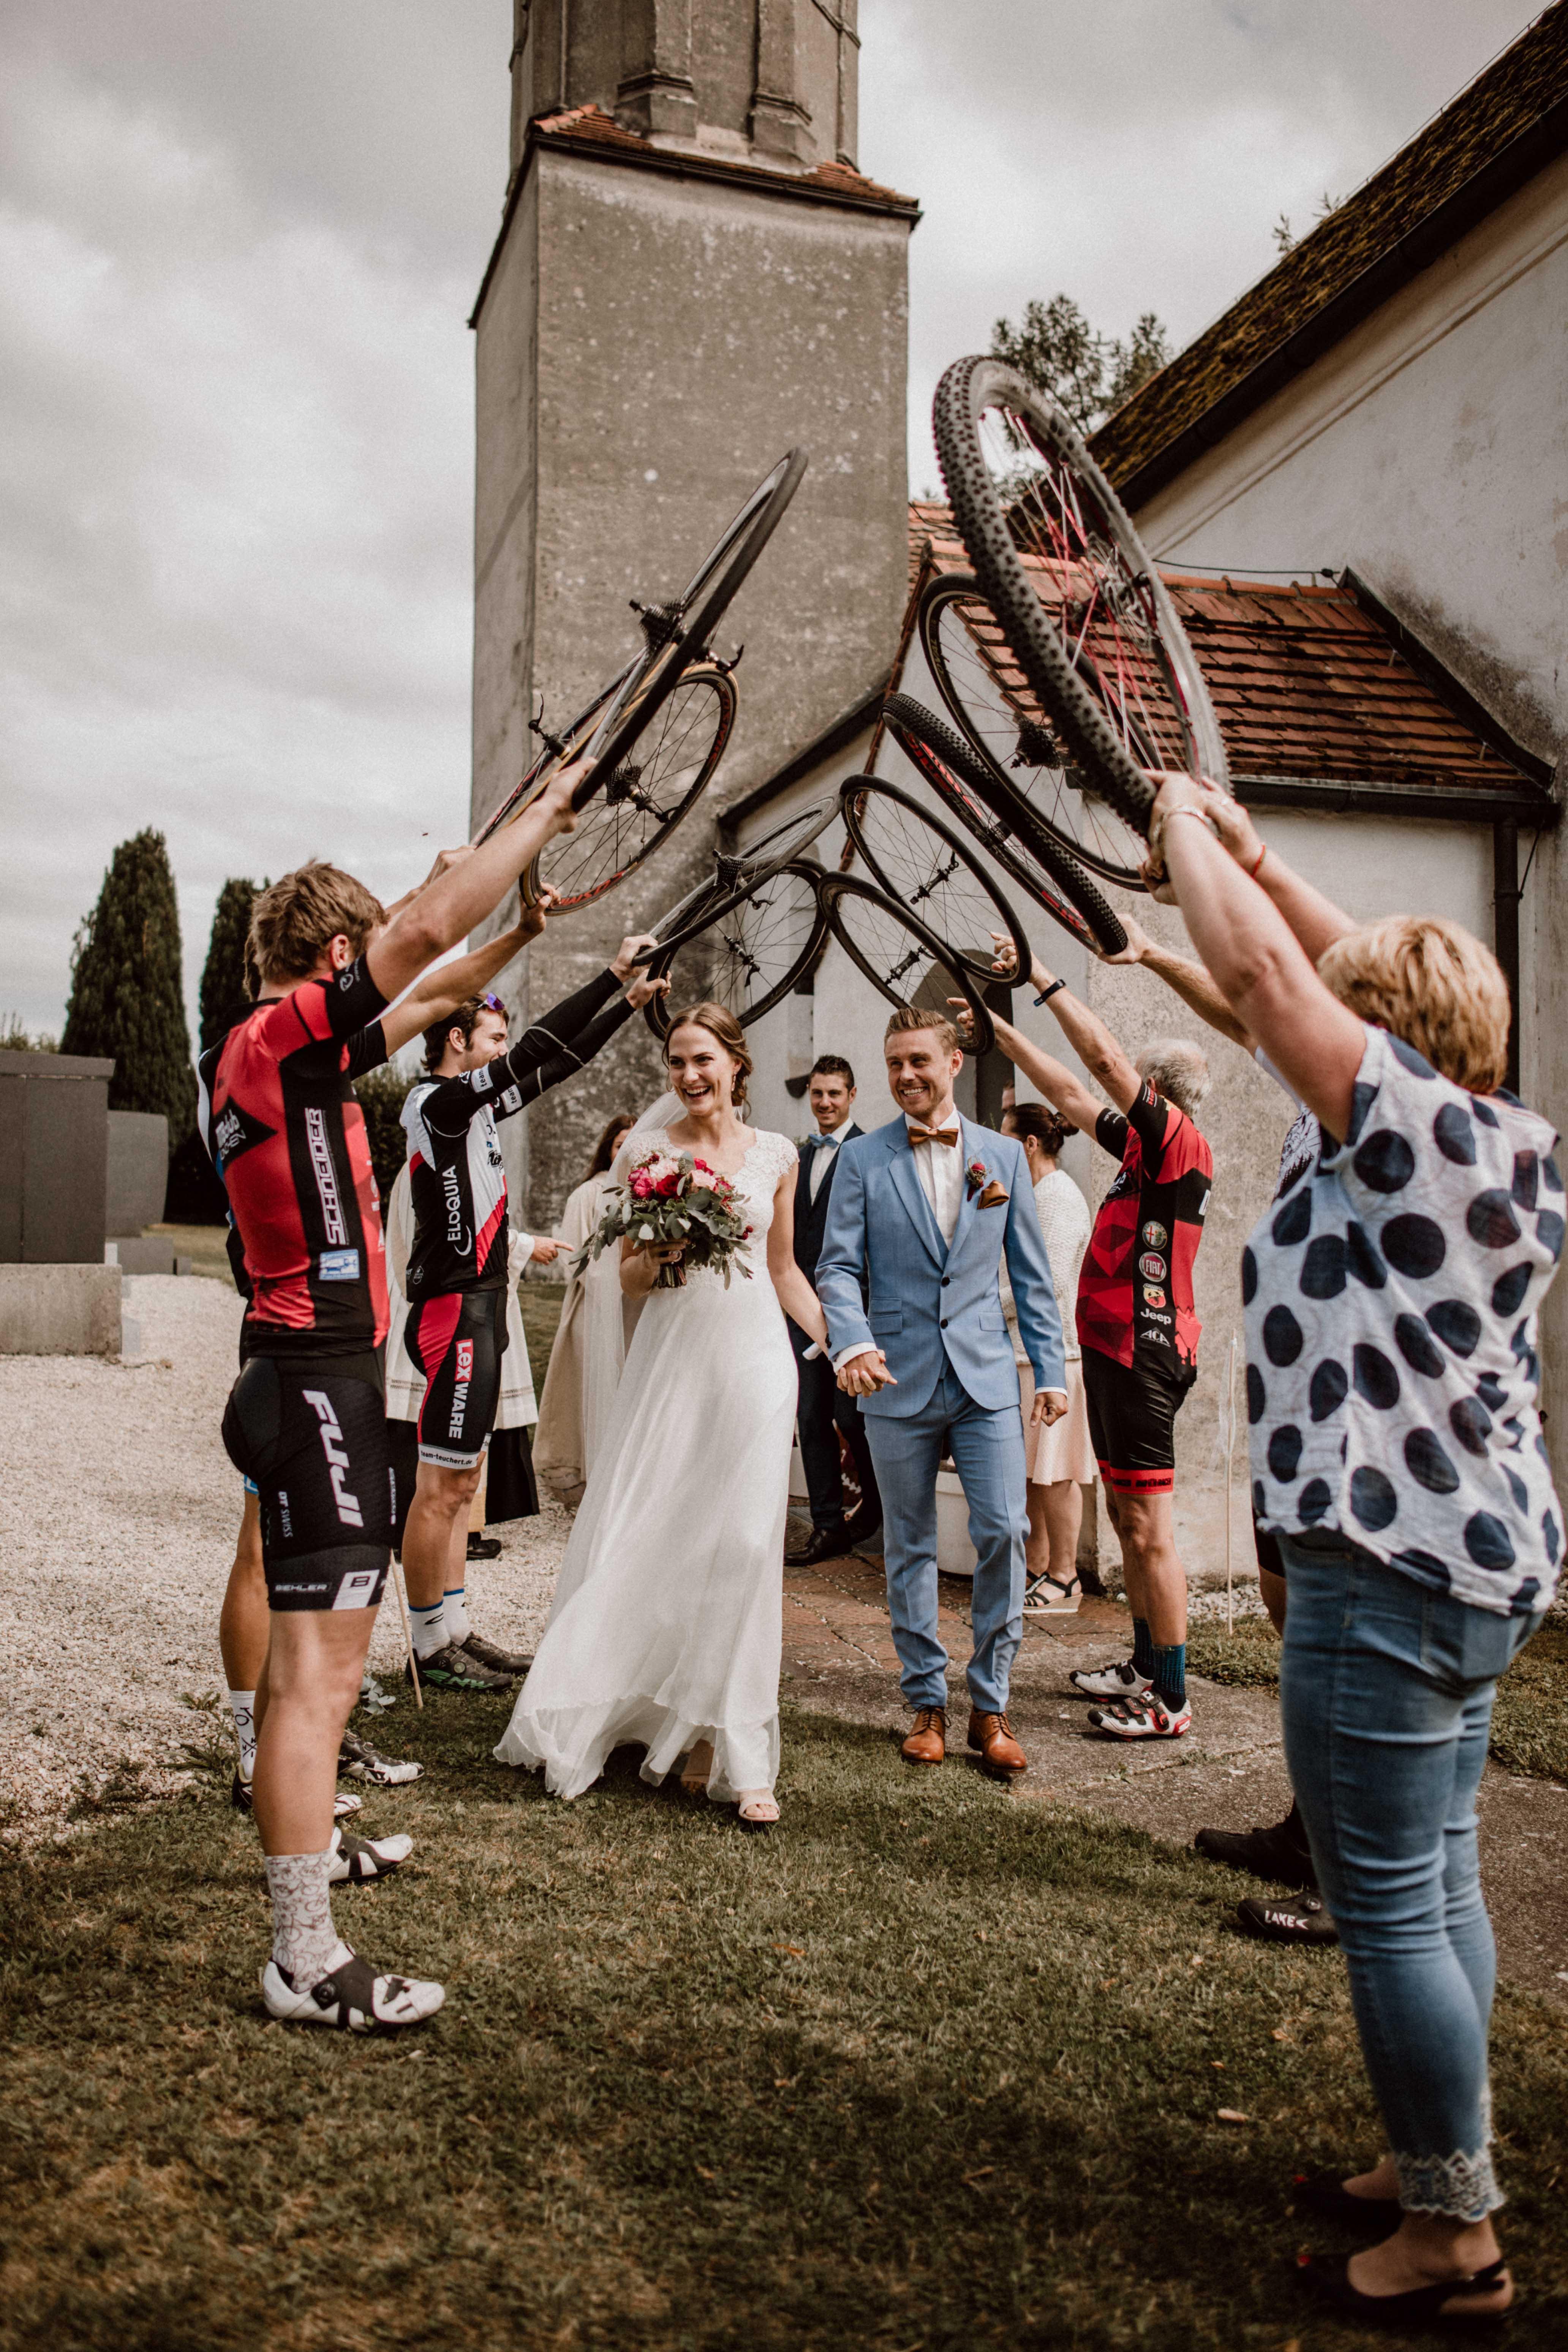 spalier rennrad sonja poehlmann photography couples muenchen bayern